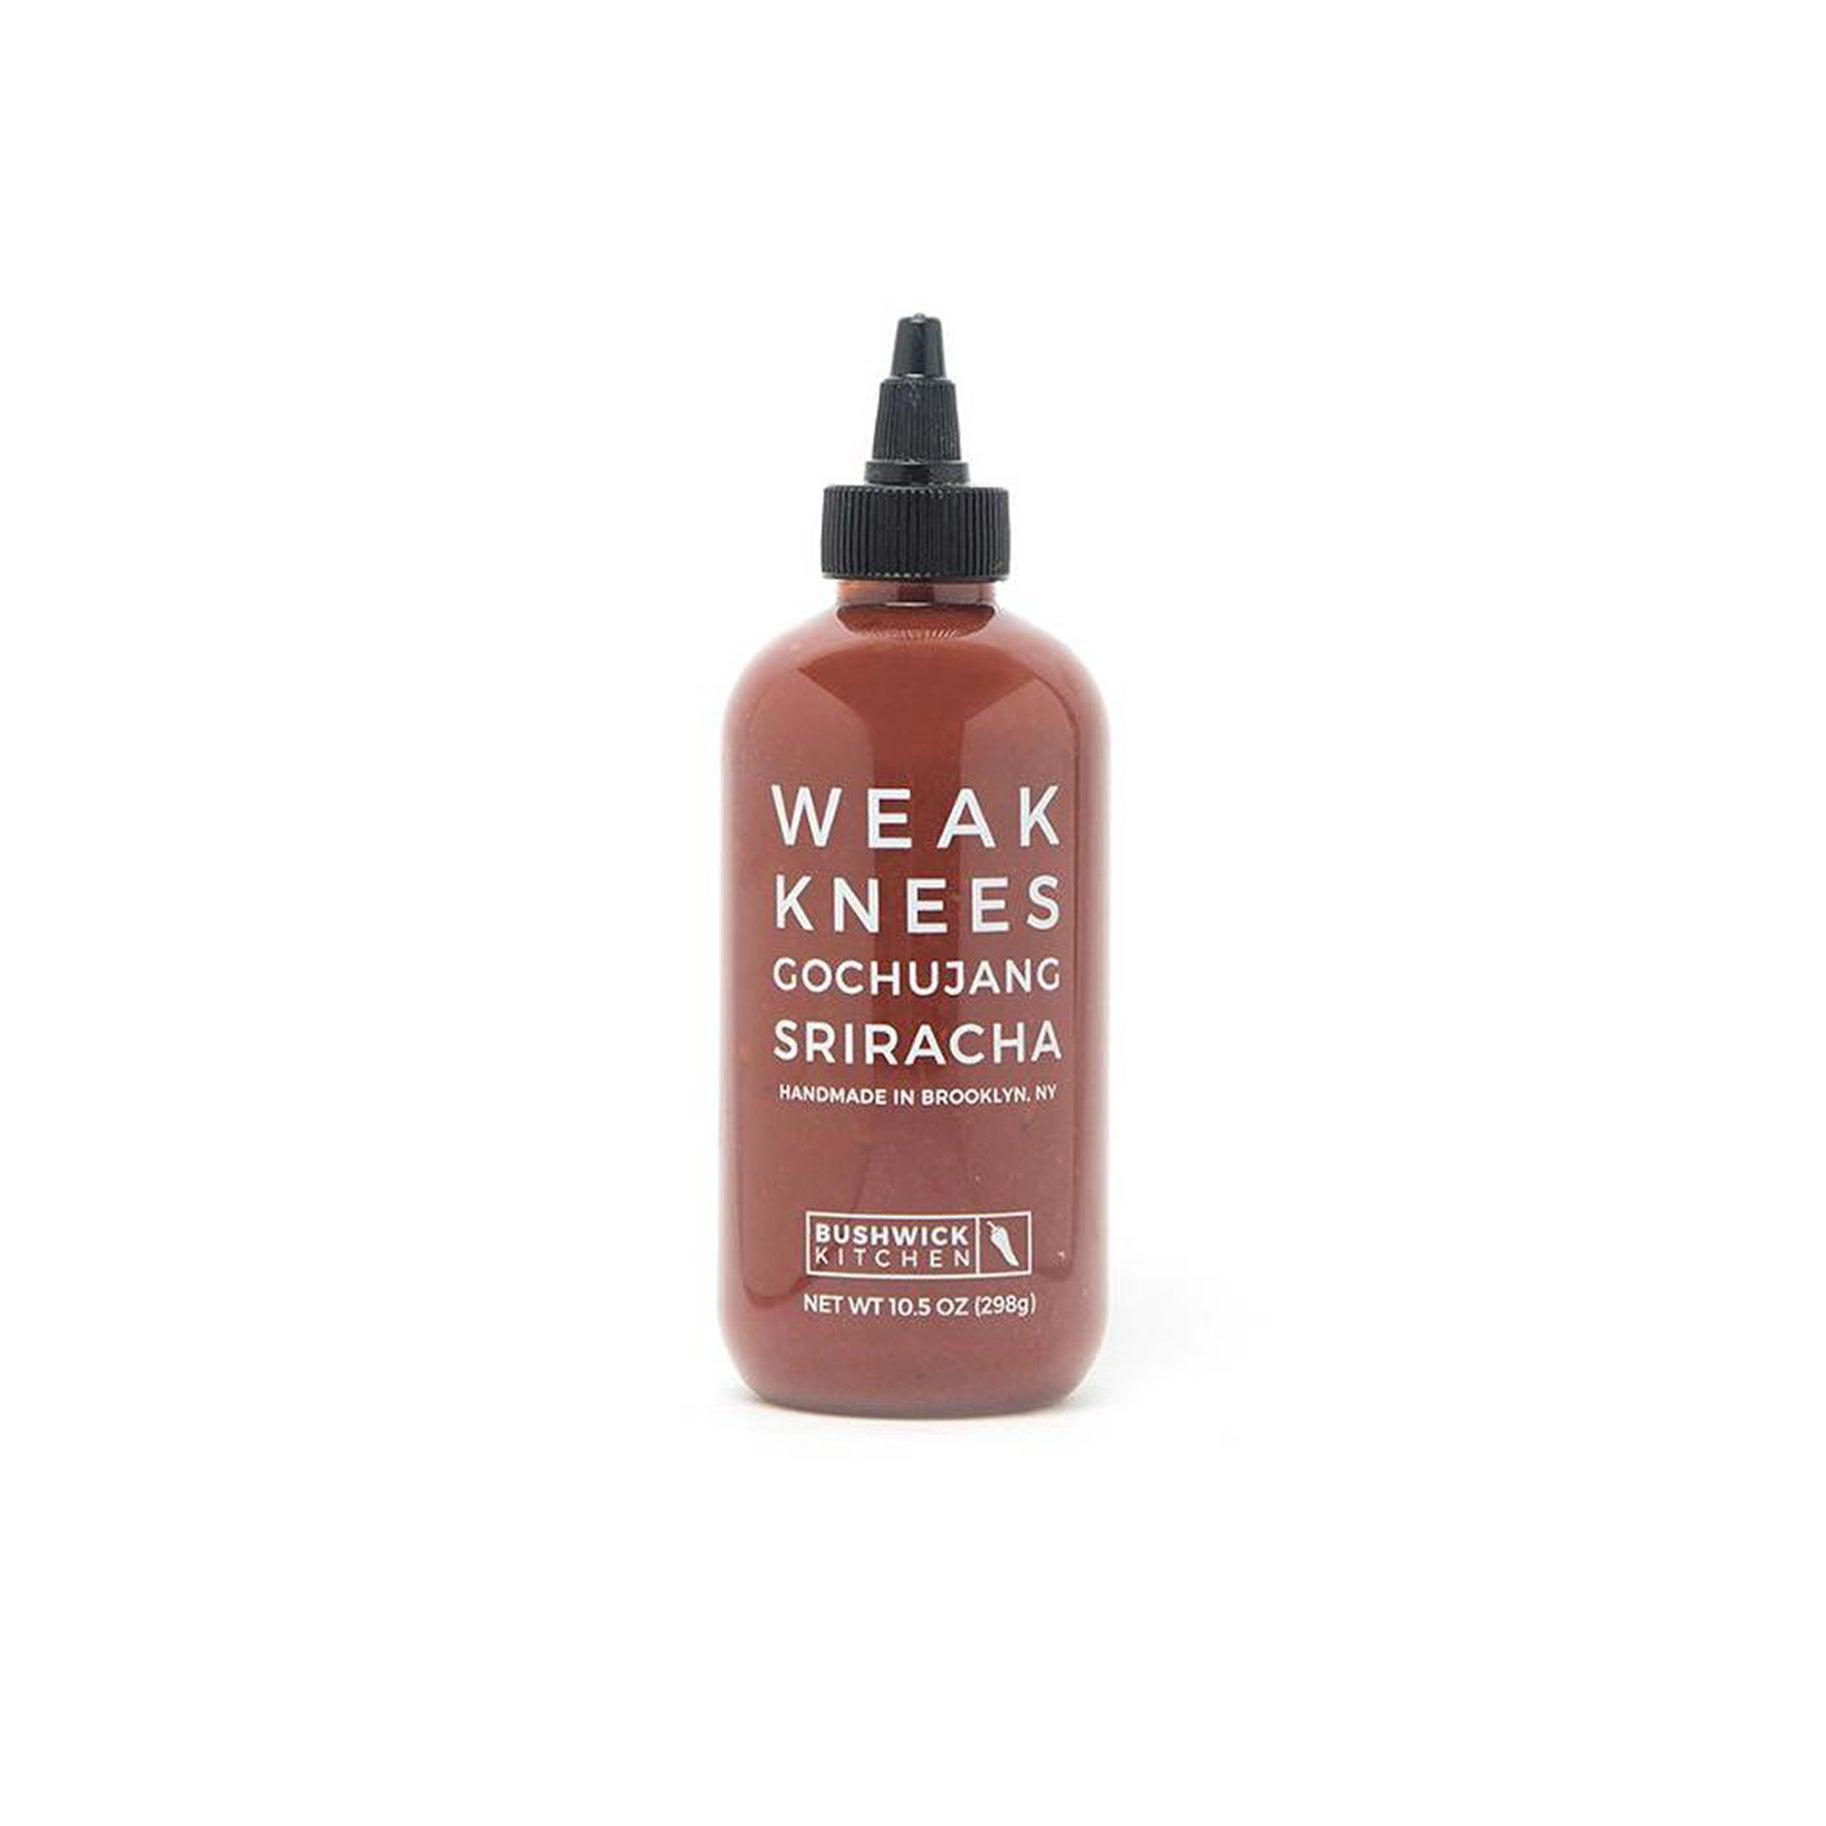 The Best Sriracha Option: Bushwick Kitchen Weak Knees Gochujang Sriracha